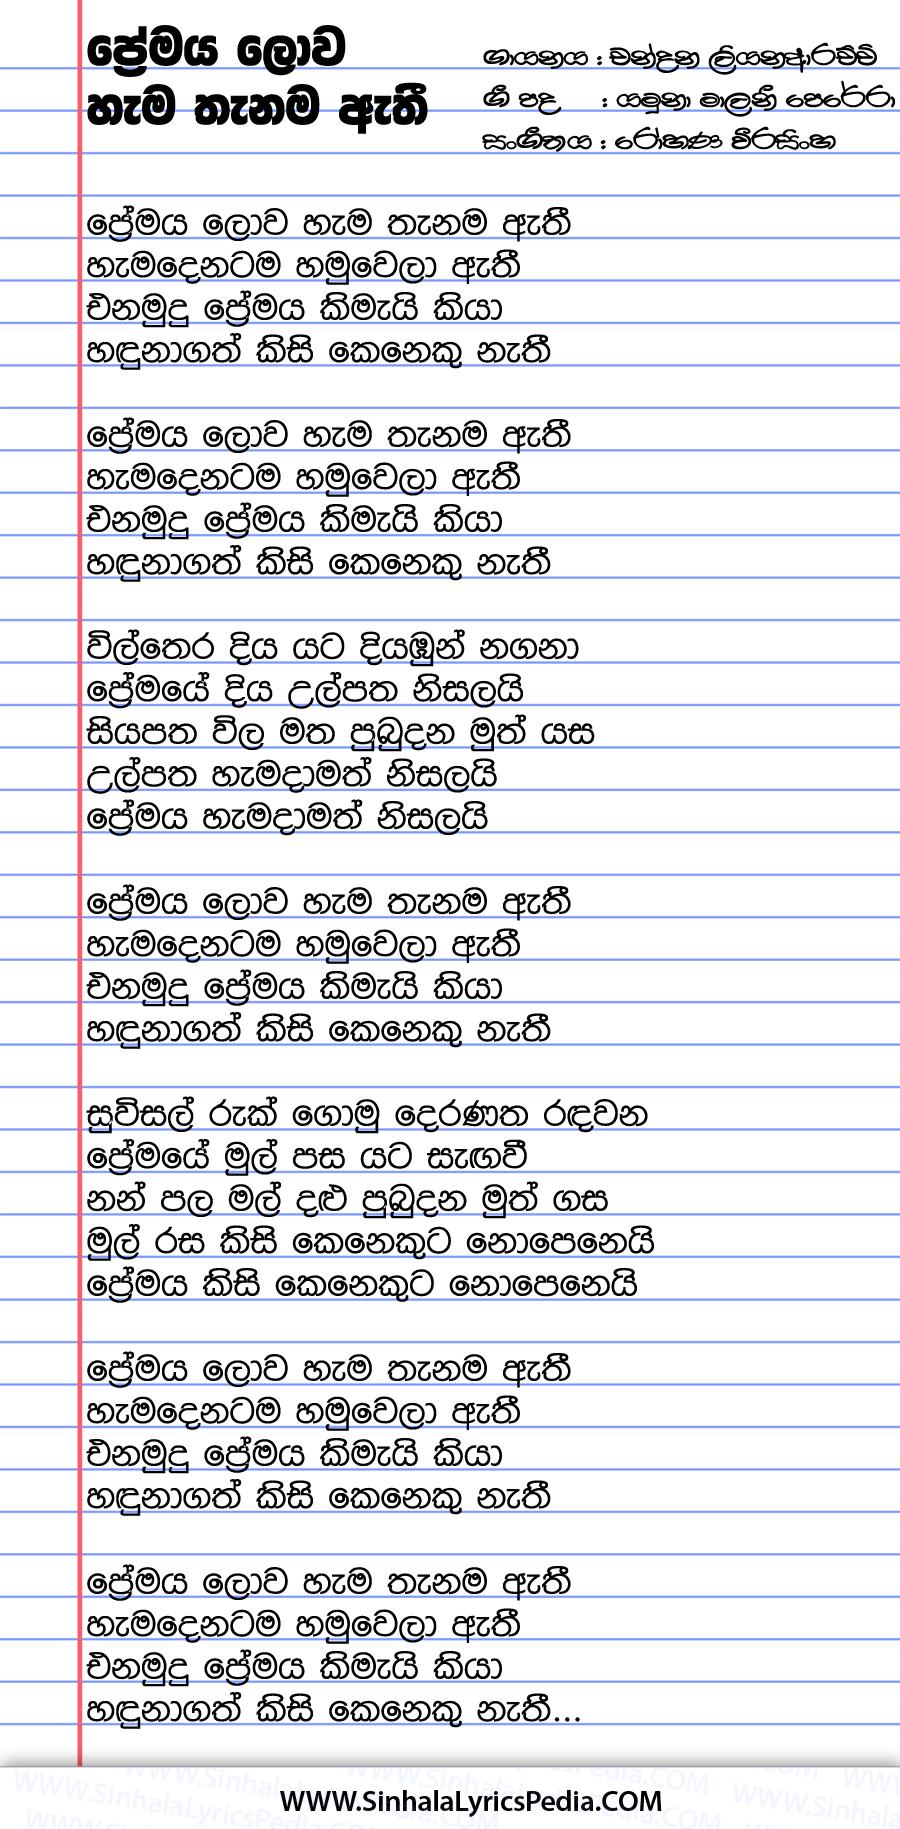 Premaya Lowa Hama Thanama Athi Song Lyrics